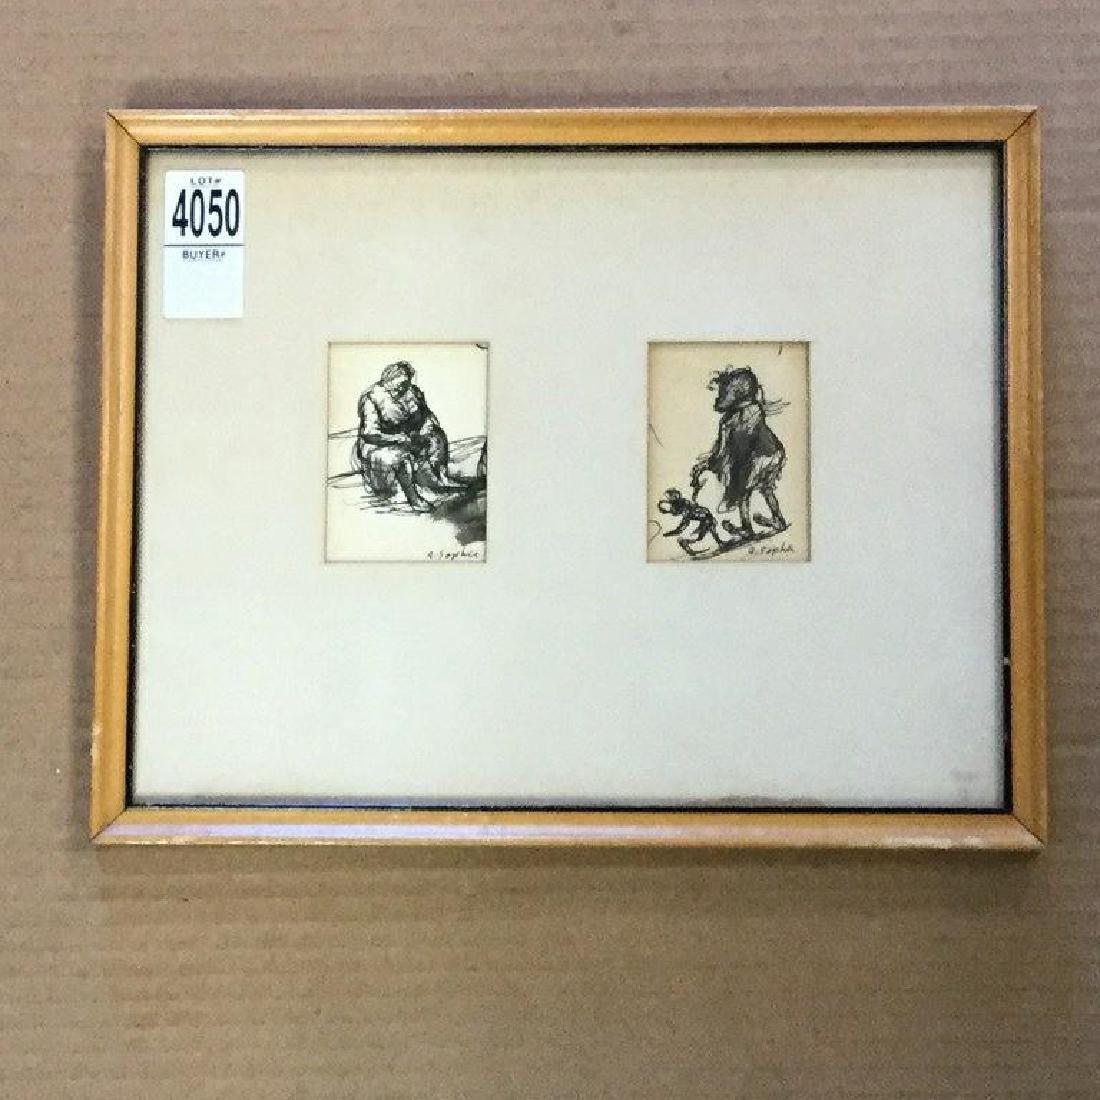 AARON SOPHER PEN & INK DRWINGS OF BLACK GIRL & WOMAN